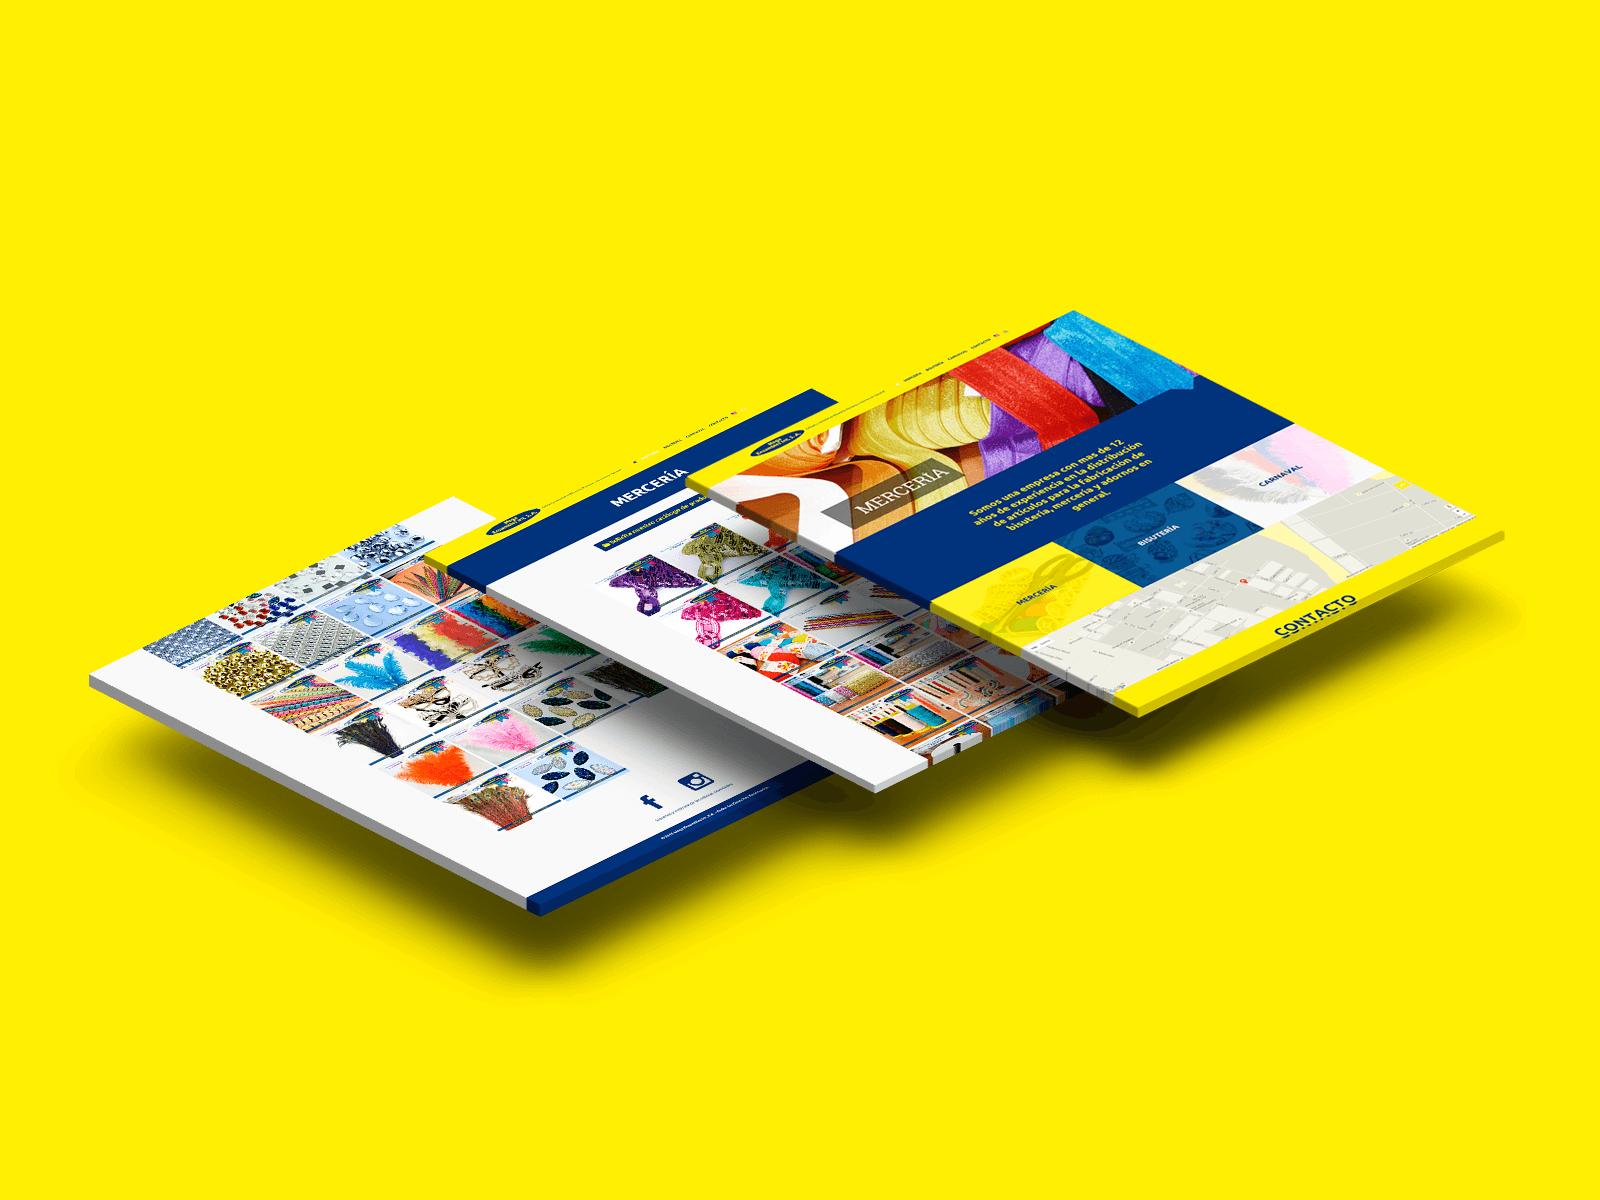 83pixeles | Mega Ensambles Int S.A. Diseño Web www.megaensambles.com en Panamá